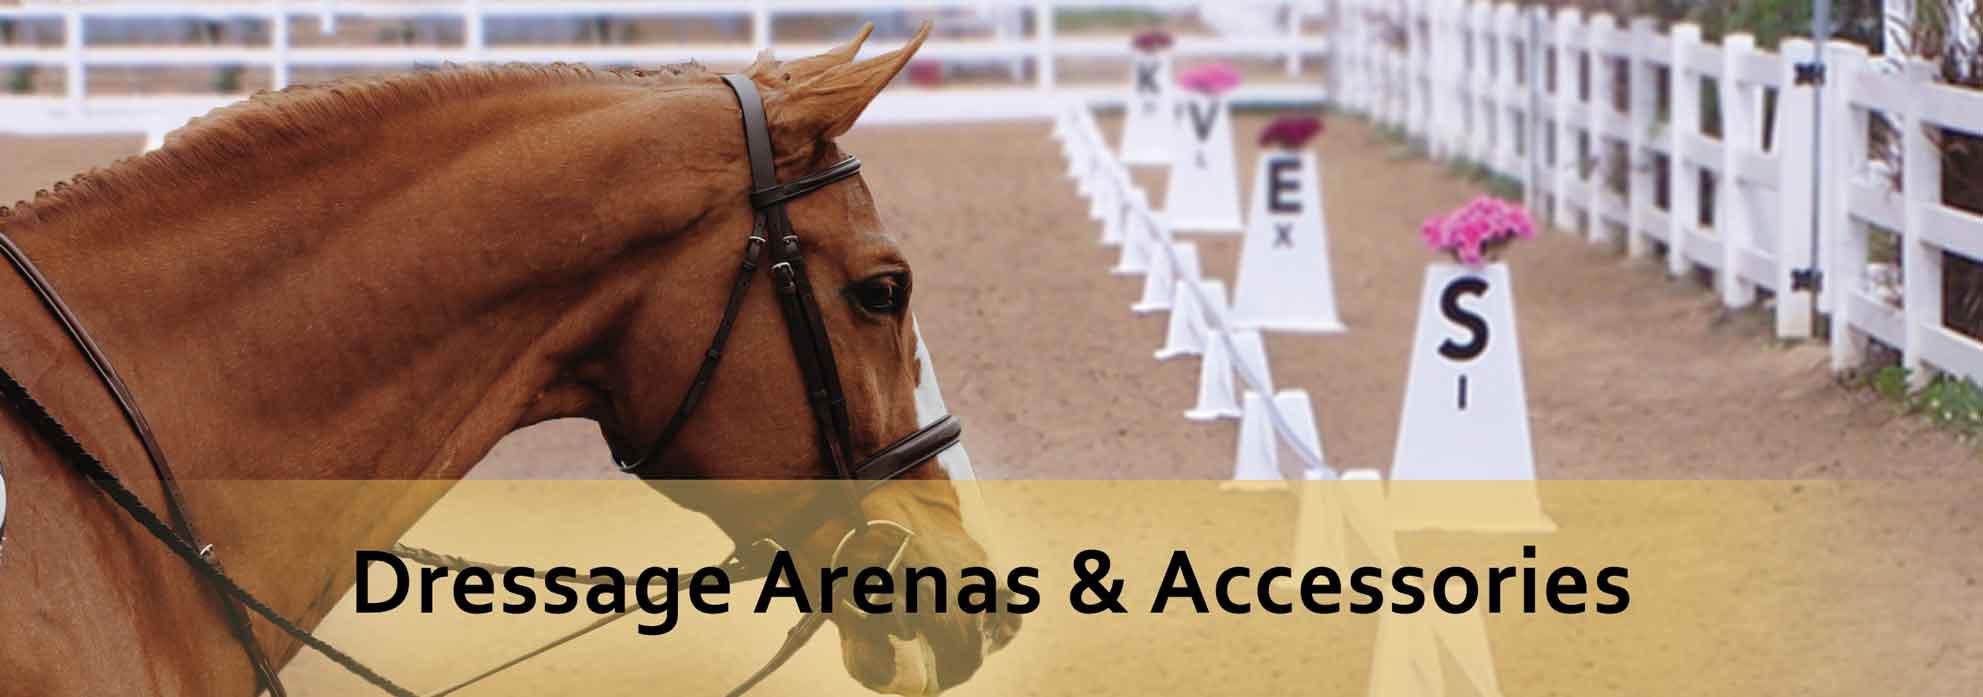 dressage arenas